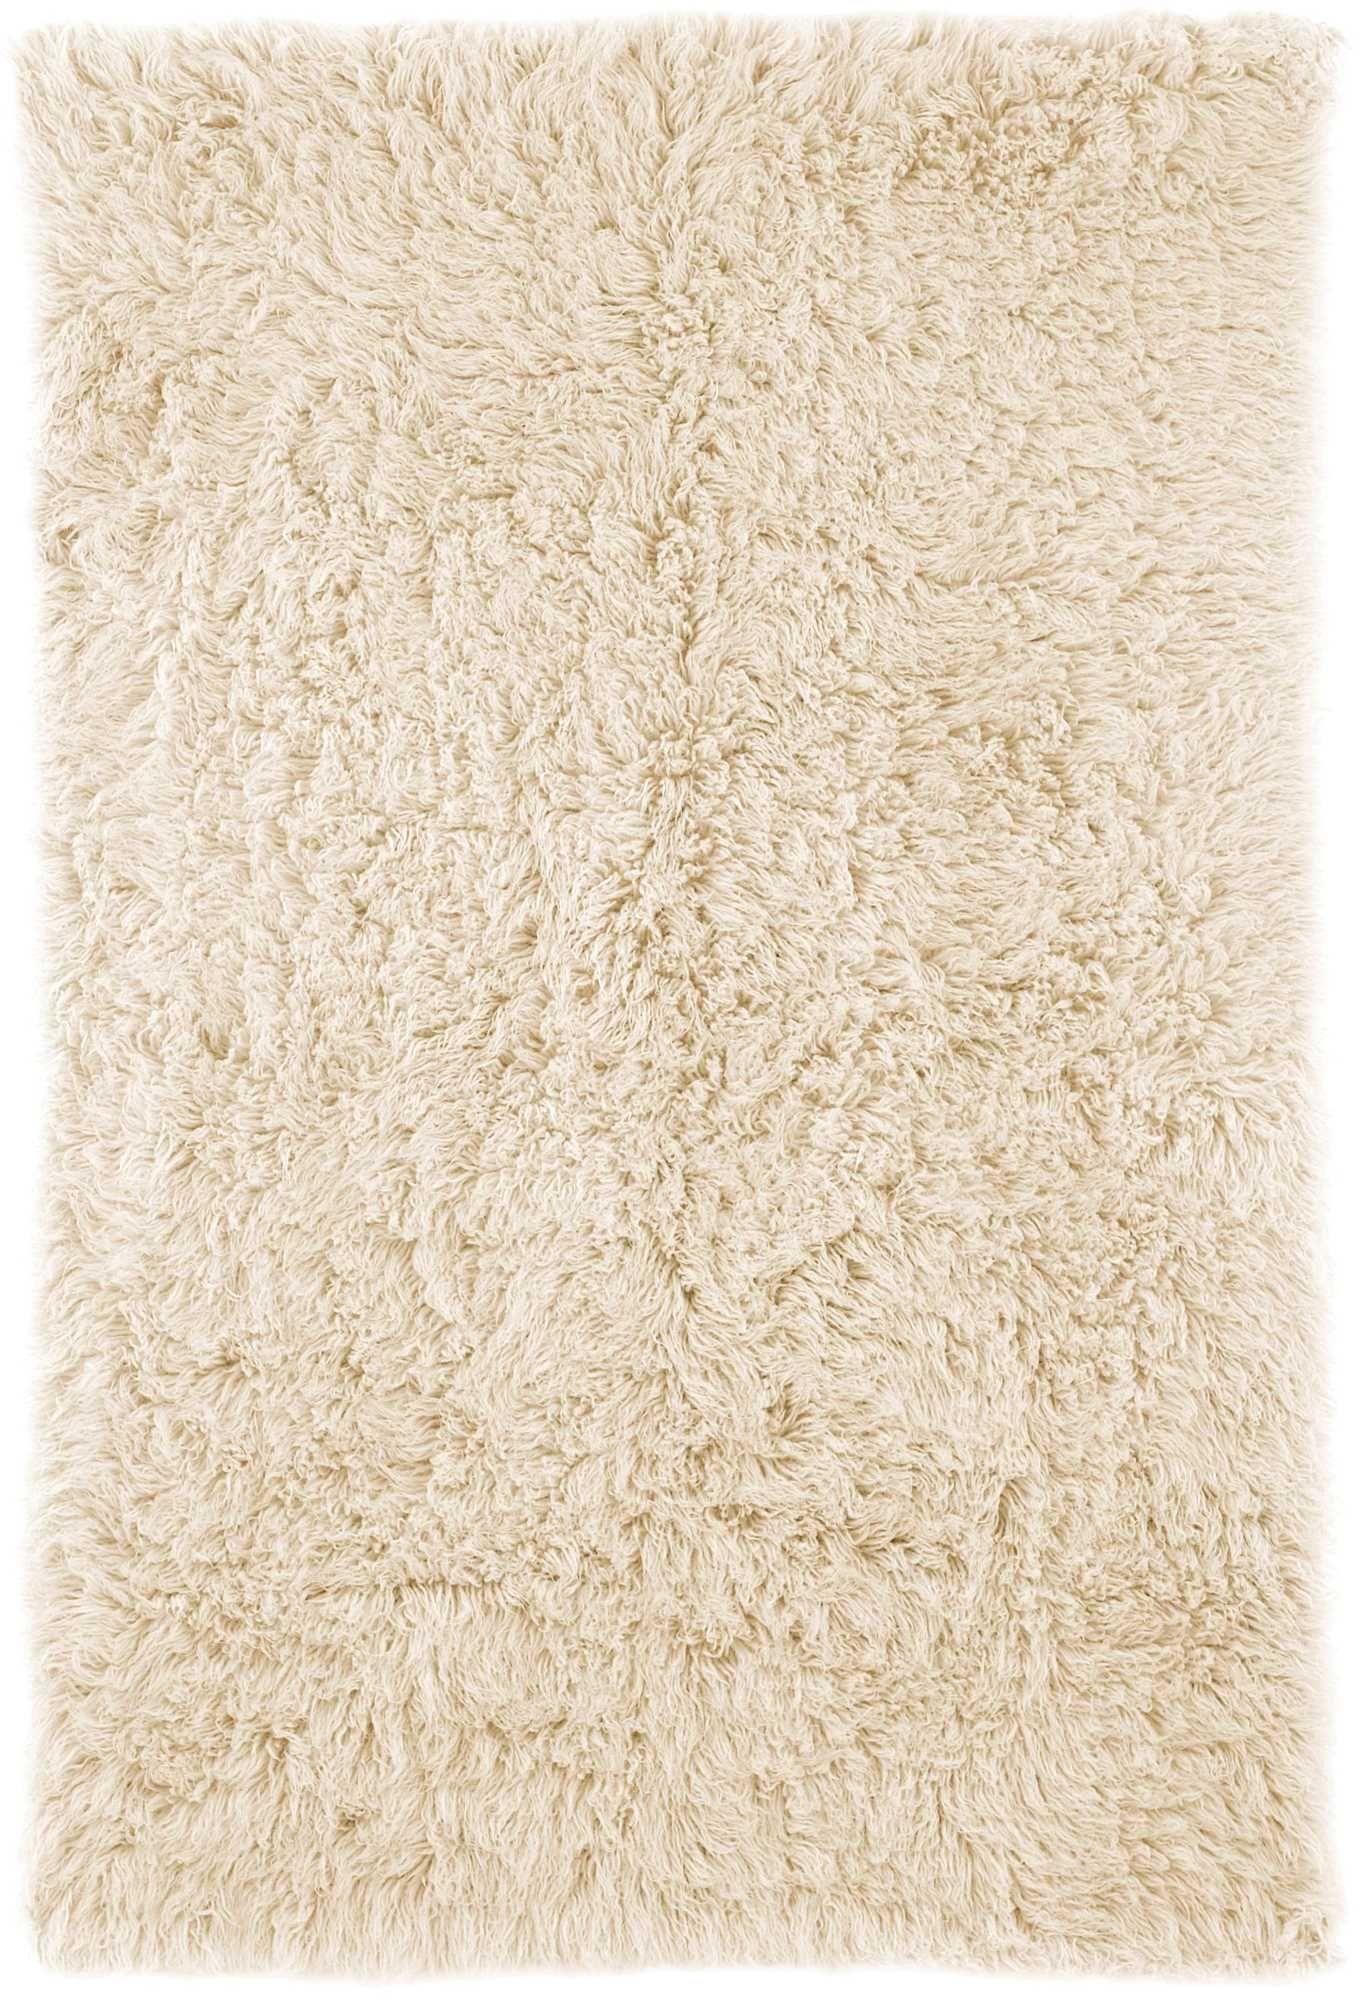 Flokati Rug Wool Area Rugs